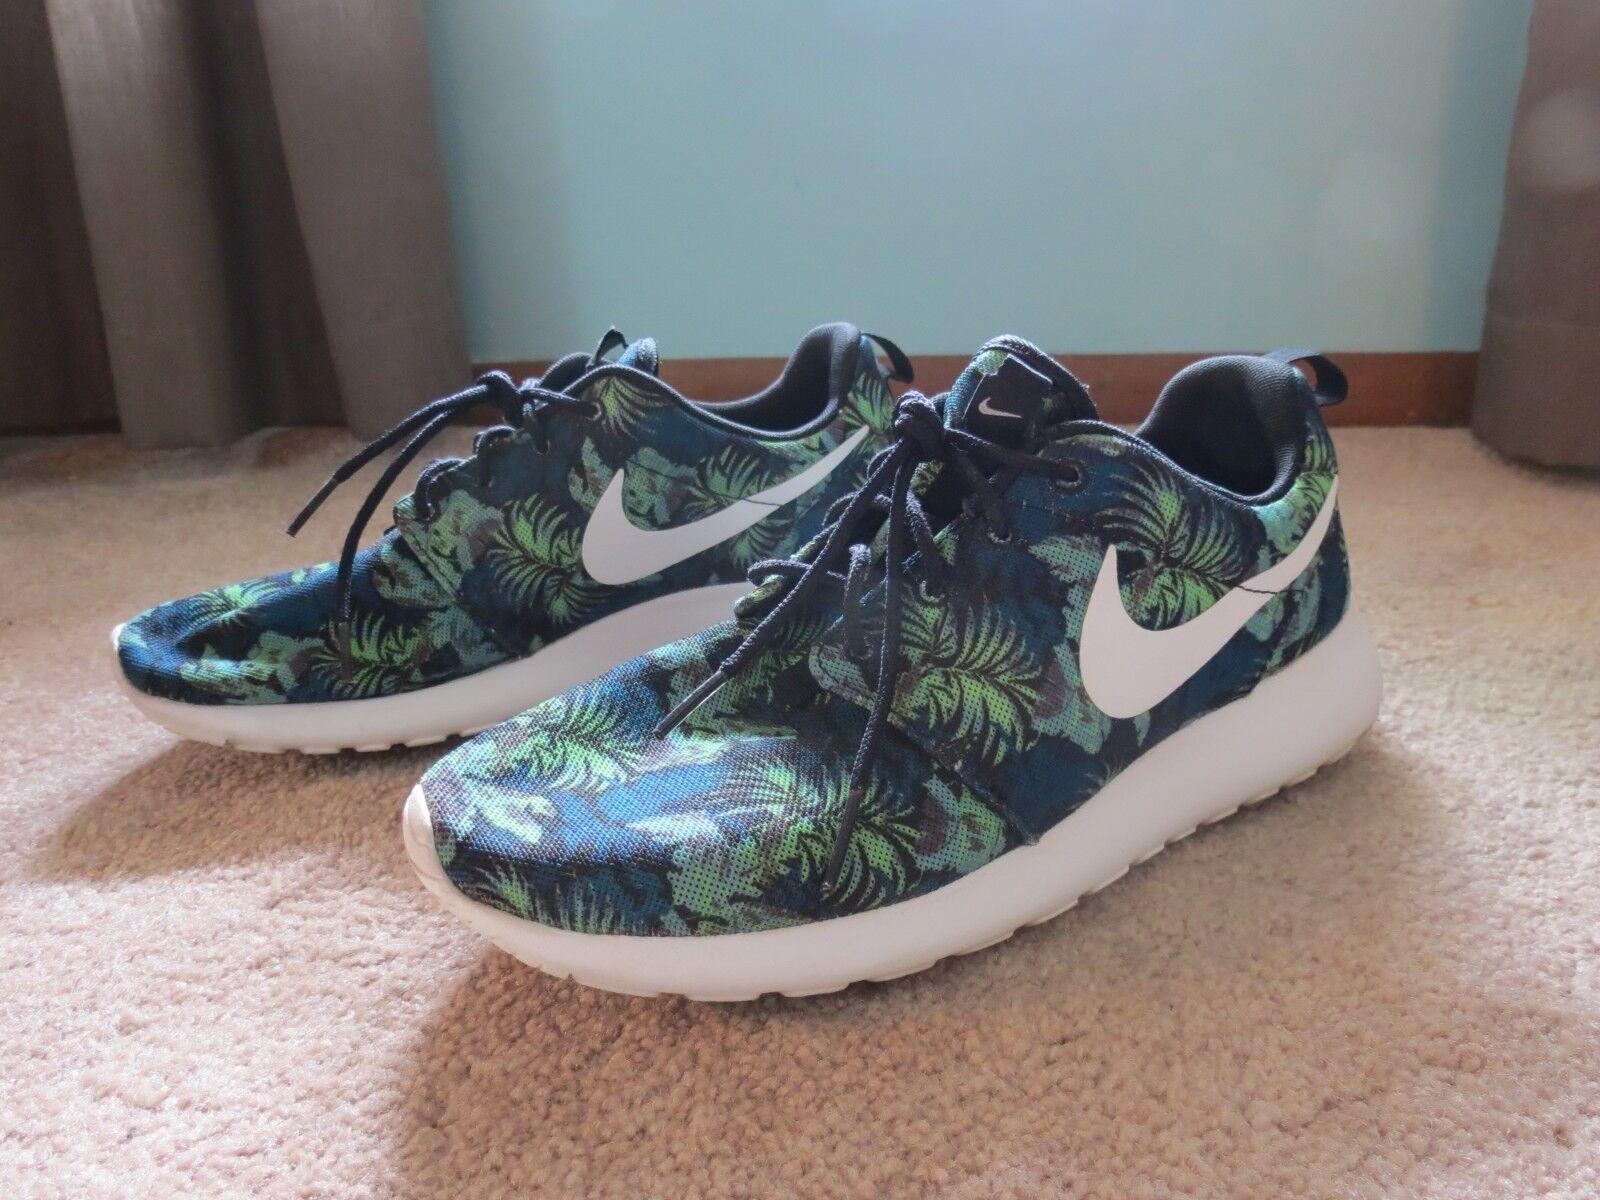 Nike Roshe Run Poison Green Palm Trees